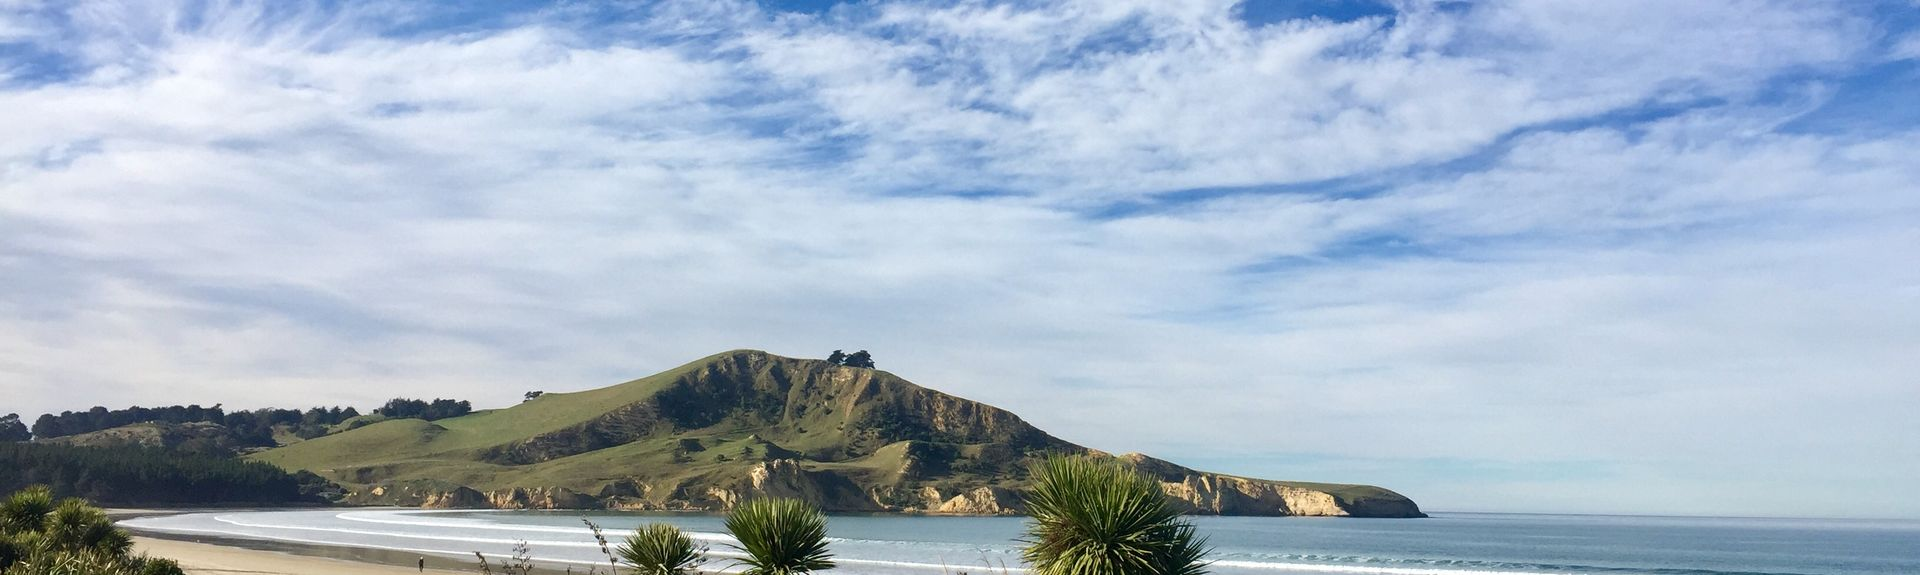 Karitane, Dunedin City, Otago, New Zealand